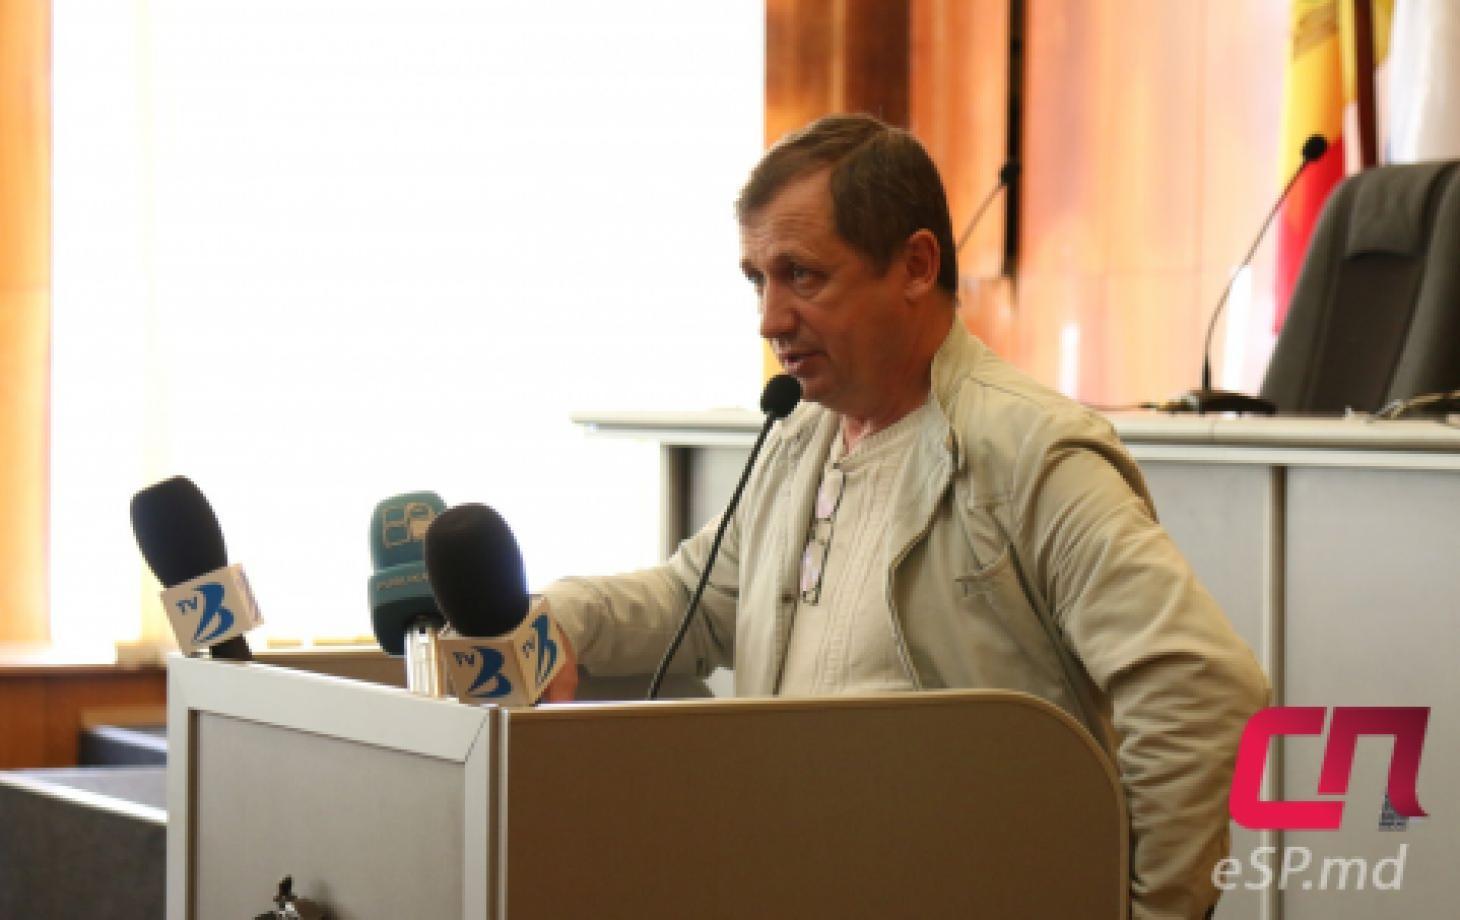 Начальник Управления коммунального хозяйства Вячеслав Зинковский